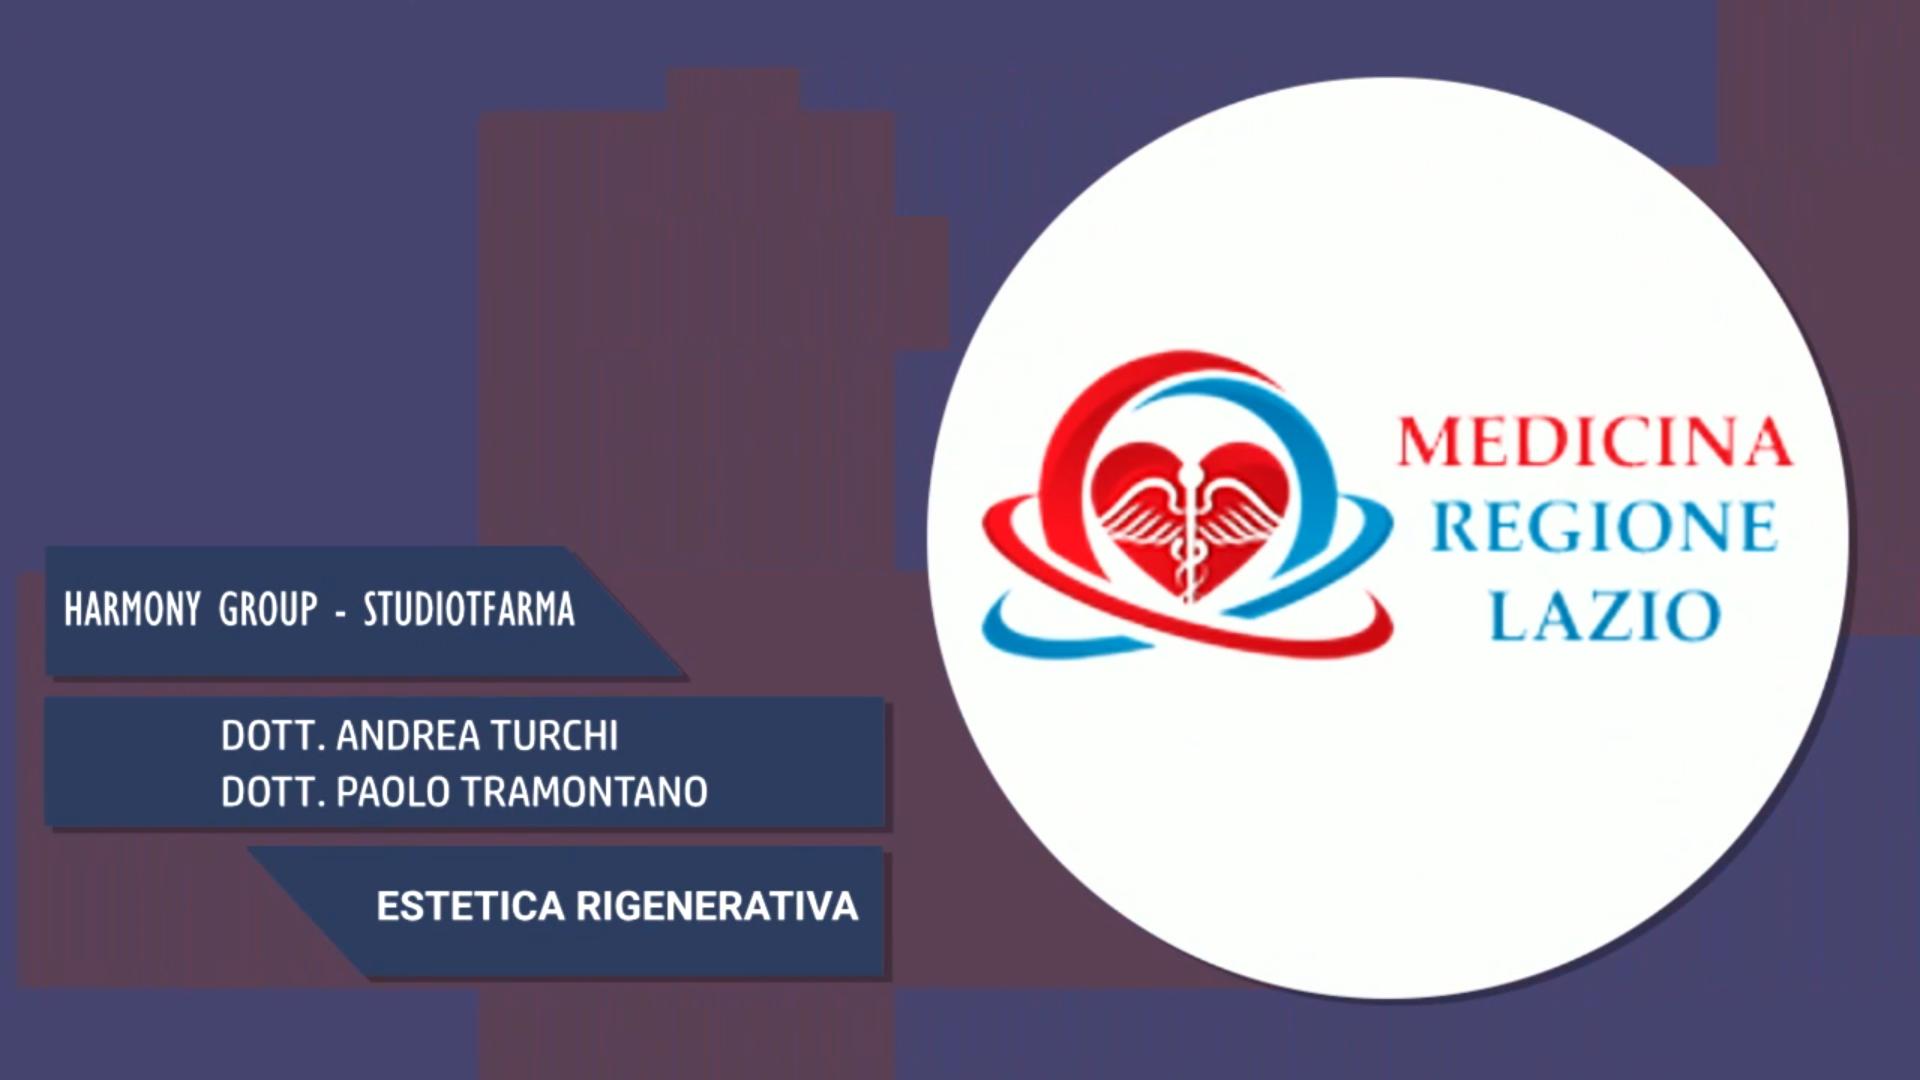 Intervista al Dott. Andrea Turchi & al Dott. Paolo Tramontano – Estetica rigenerativa